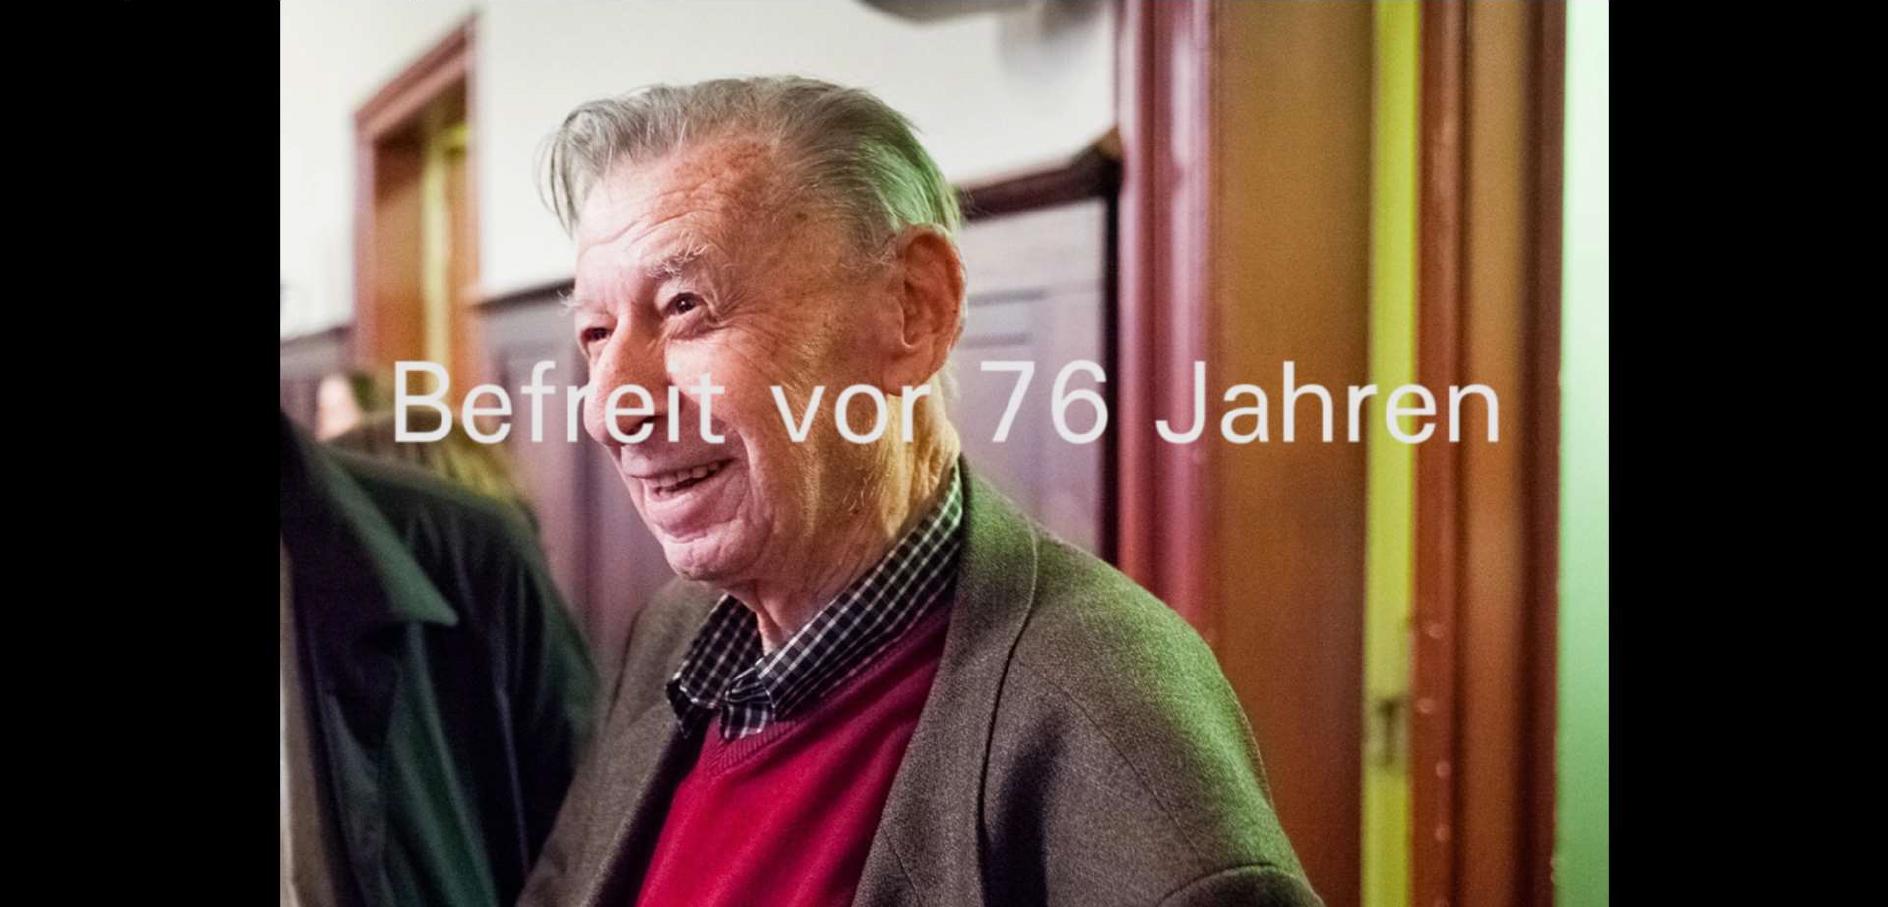 Befreit vor 76 Jahren